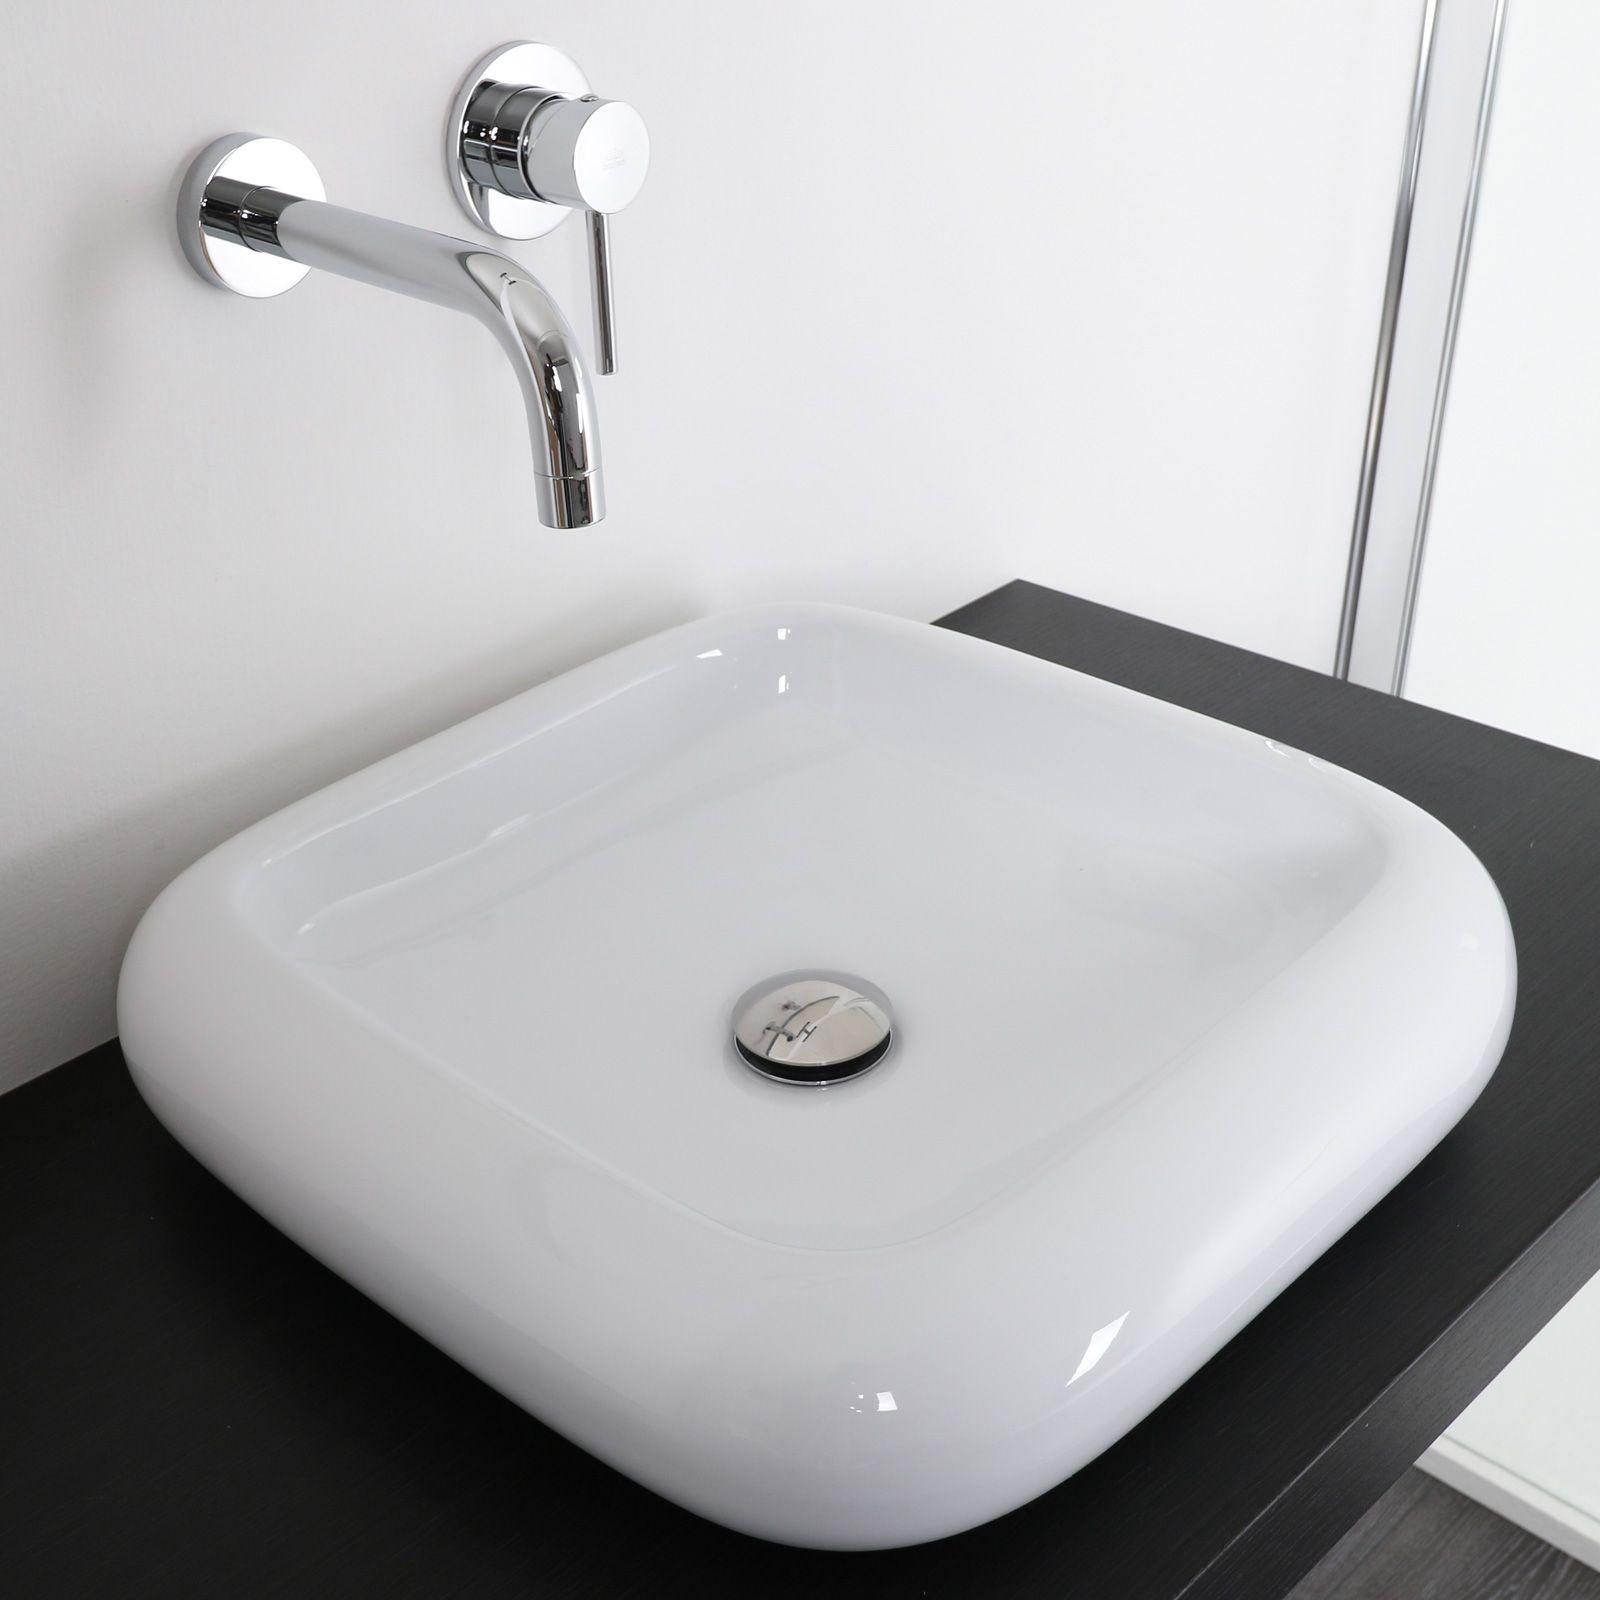 lavabo da appoggio stondato 46 cm in ceramica bianco modello sara. Black Bedroom Furniture Sets. Home Design Ideas